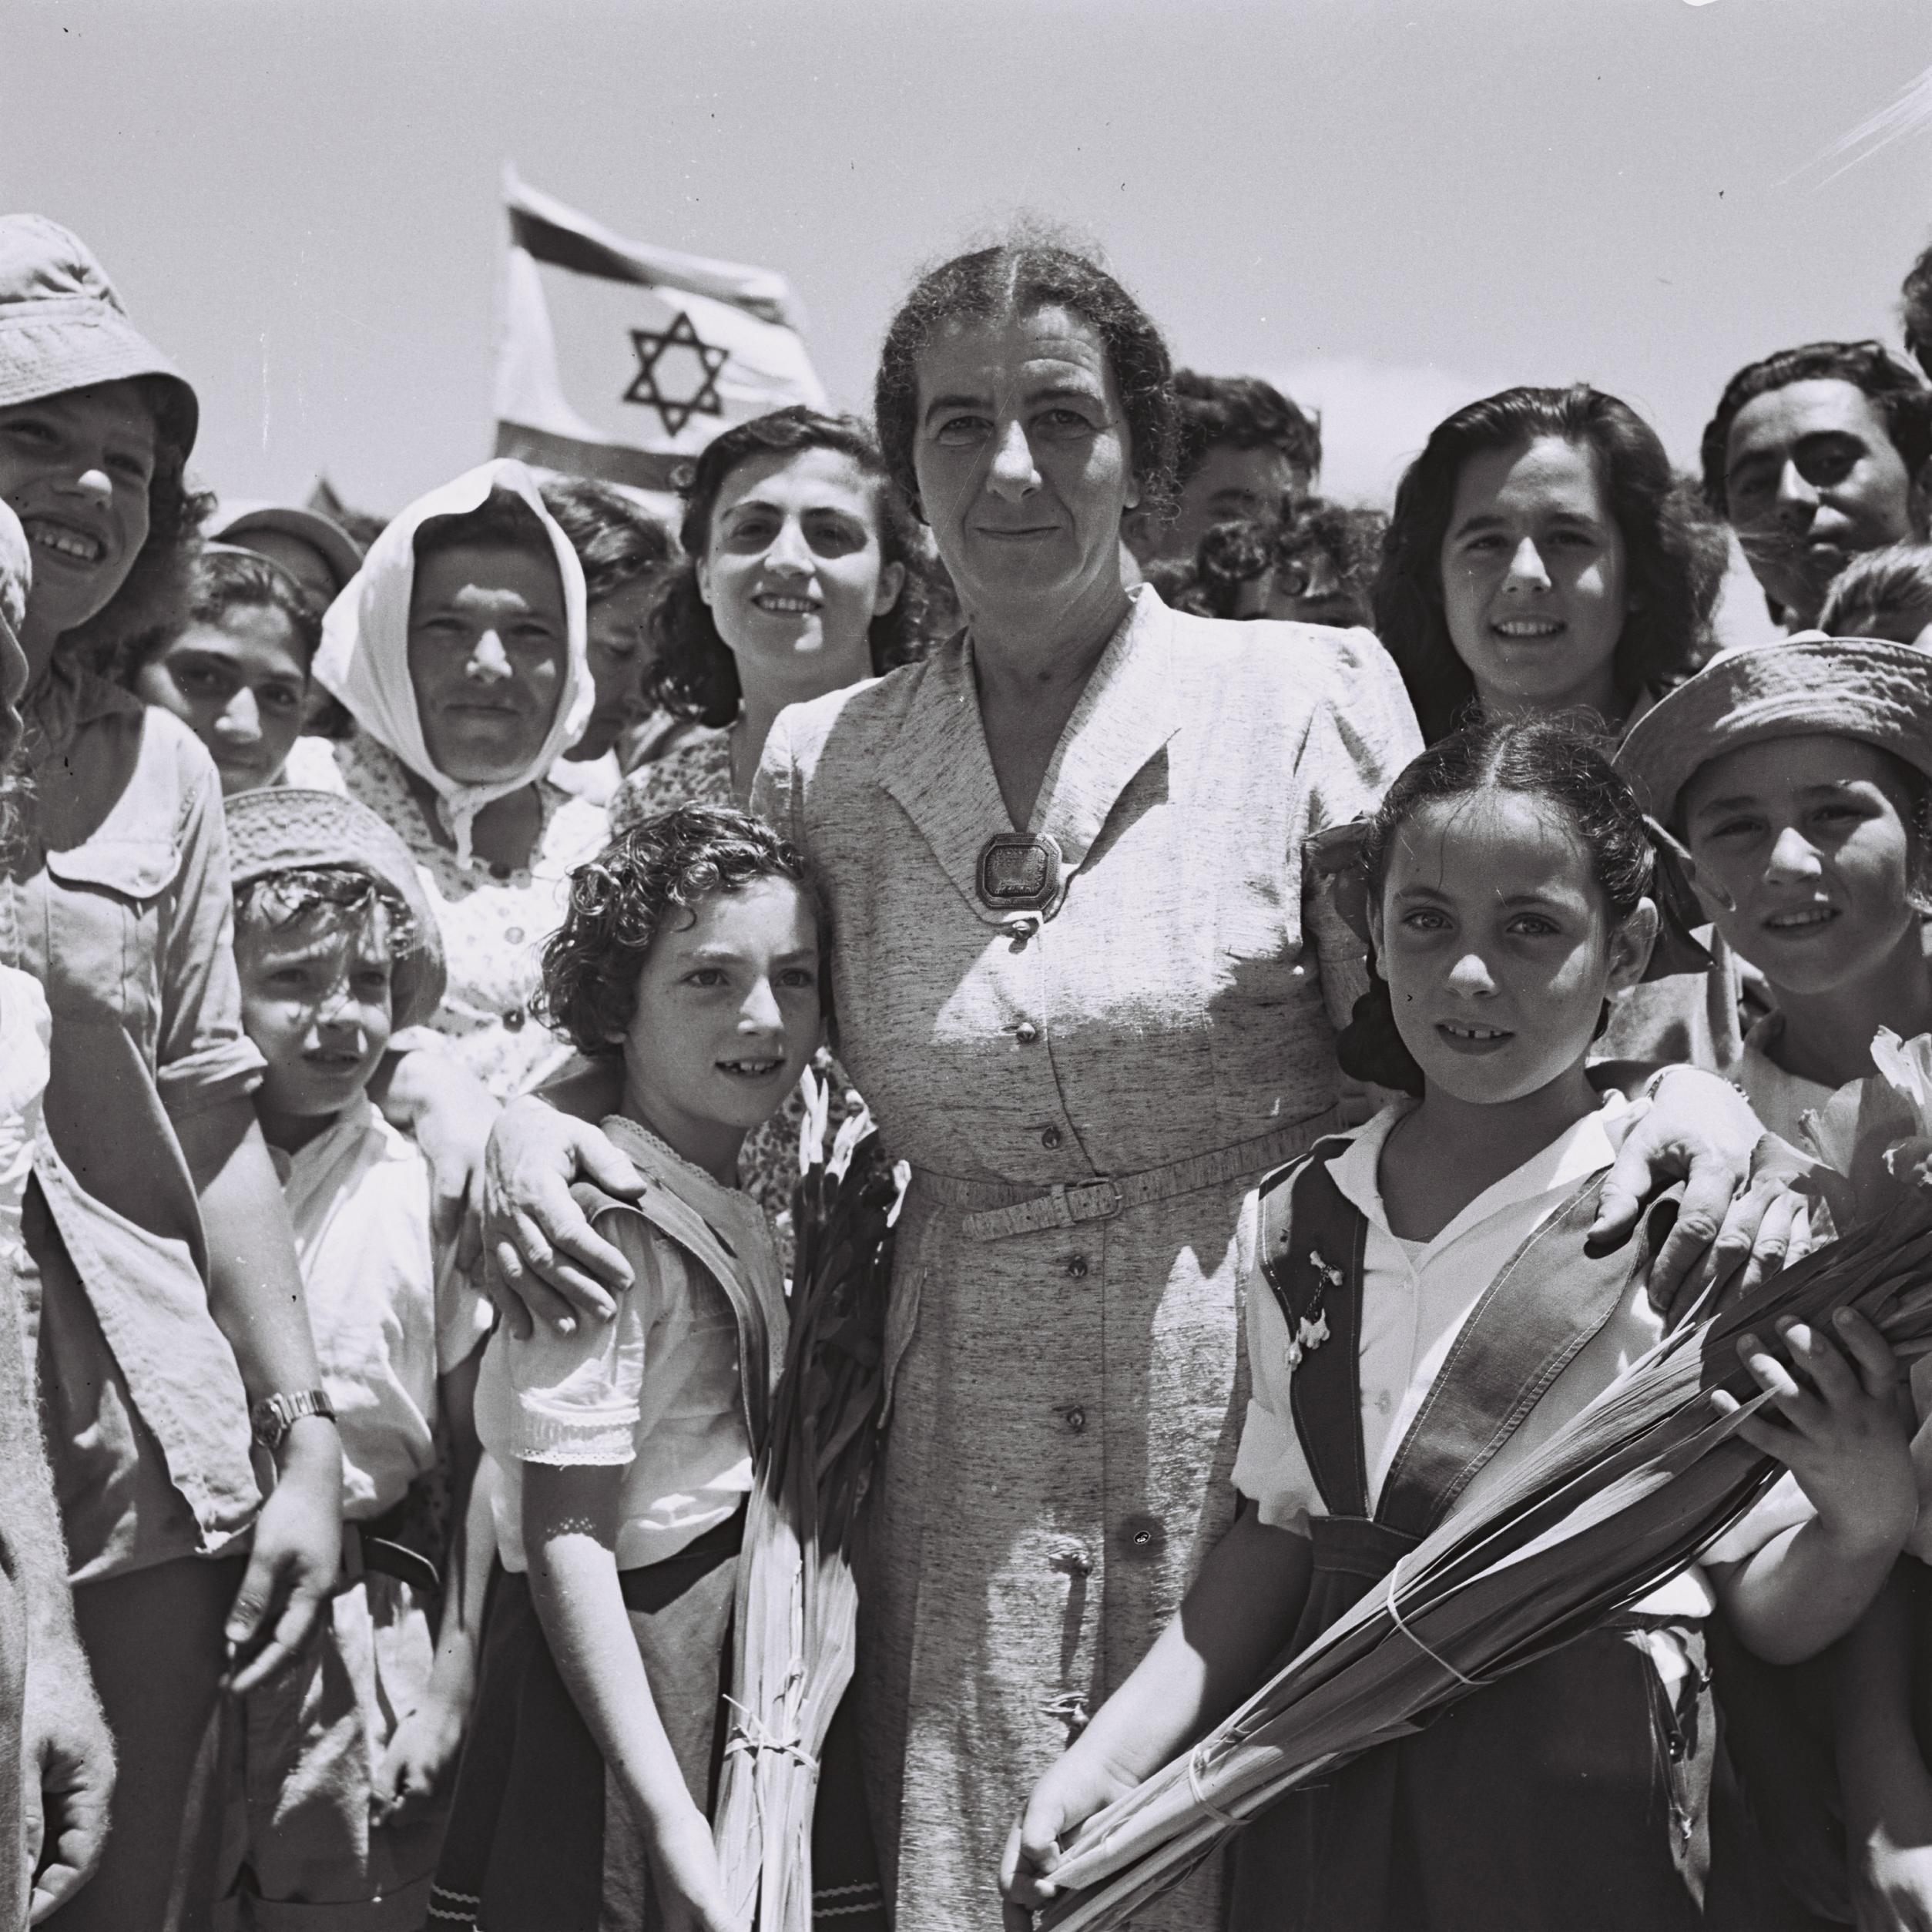 Голда с детьми в кибуце Шфаим, 1950 г. Фото: Brauner Teddy, пресс-бюро правительства